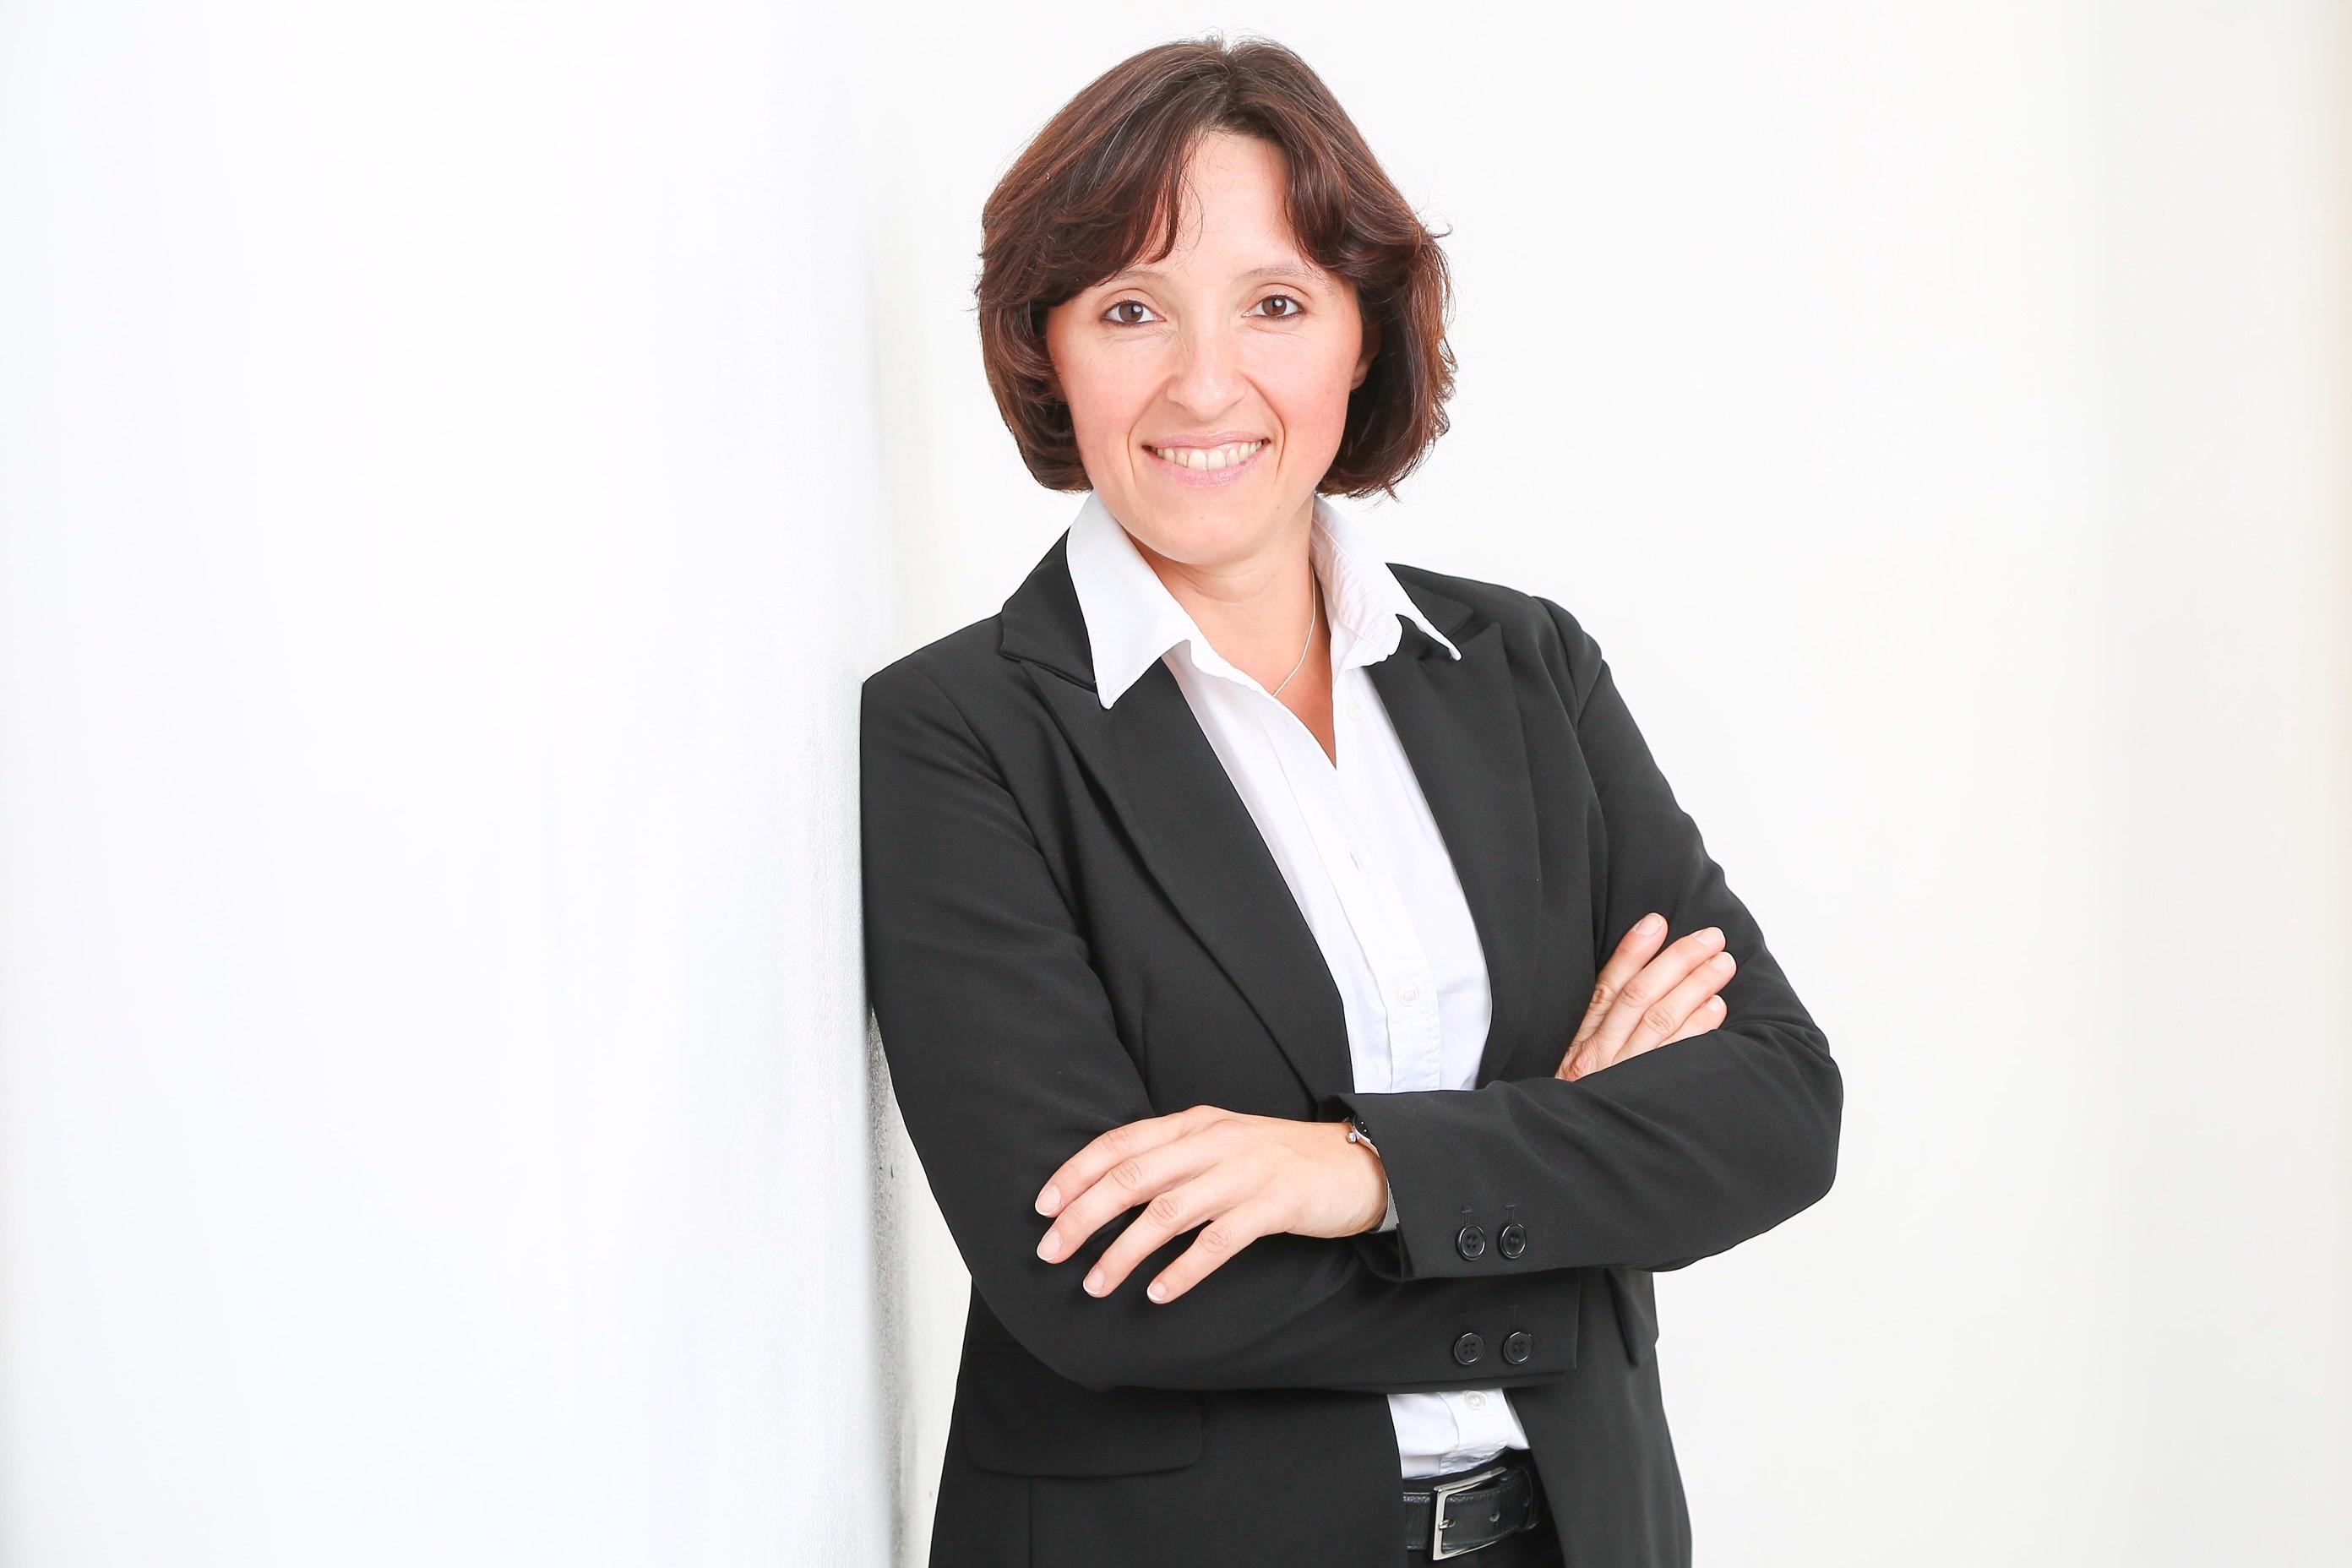 Natalie Gelder